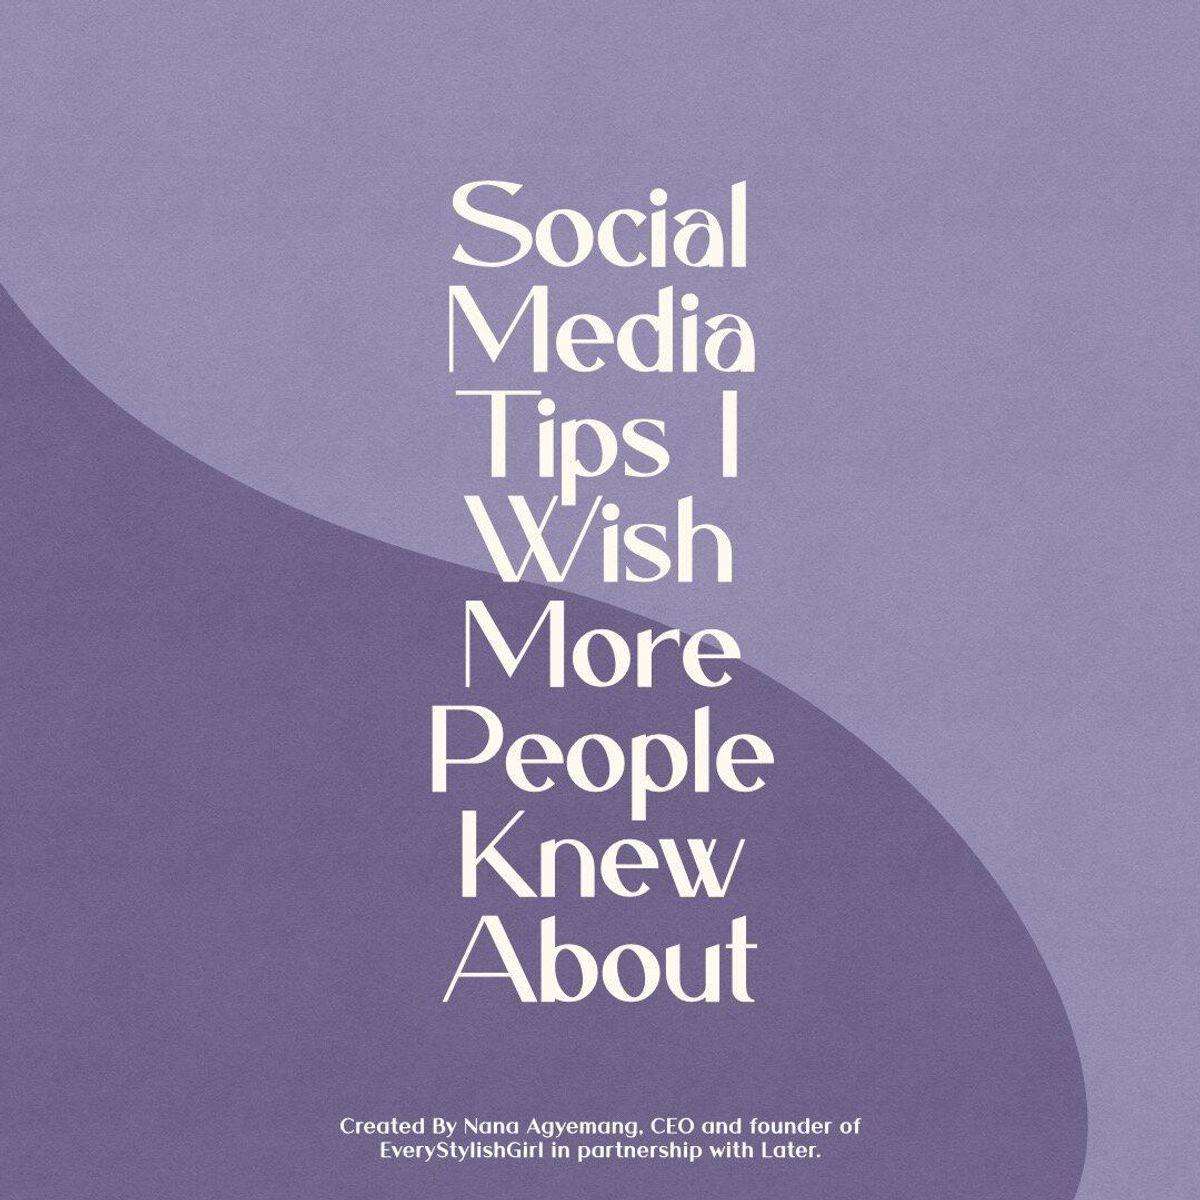 nana agyemang social media tips i wish more people knew about